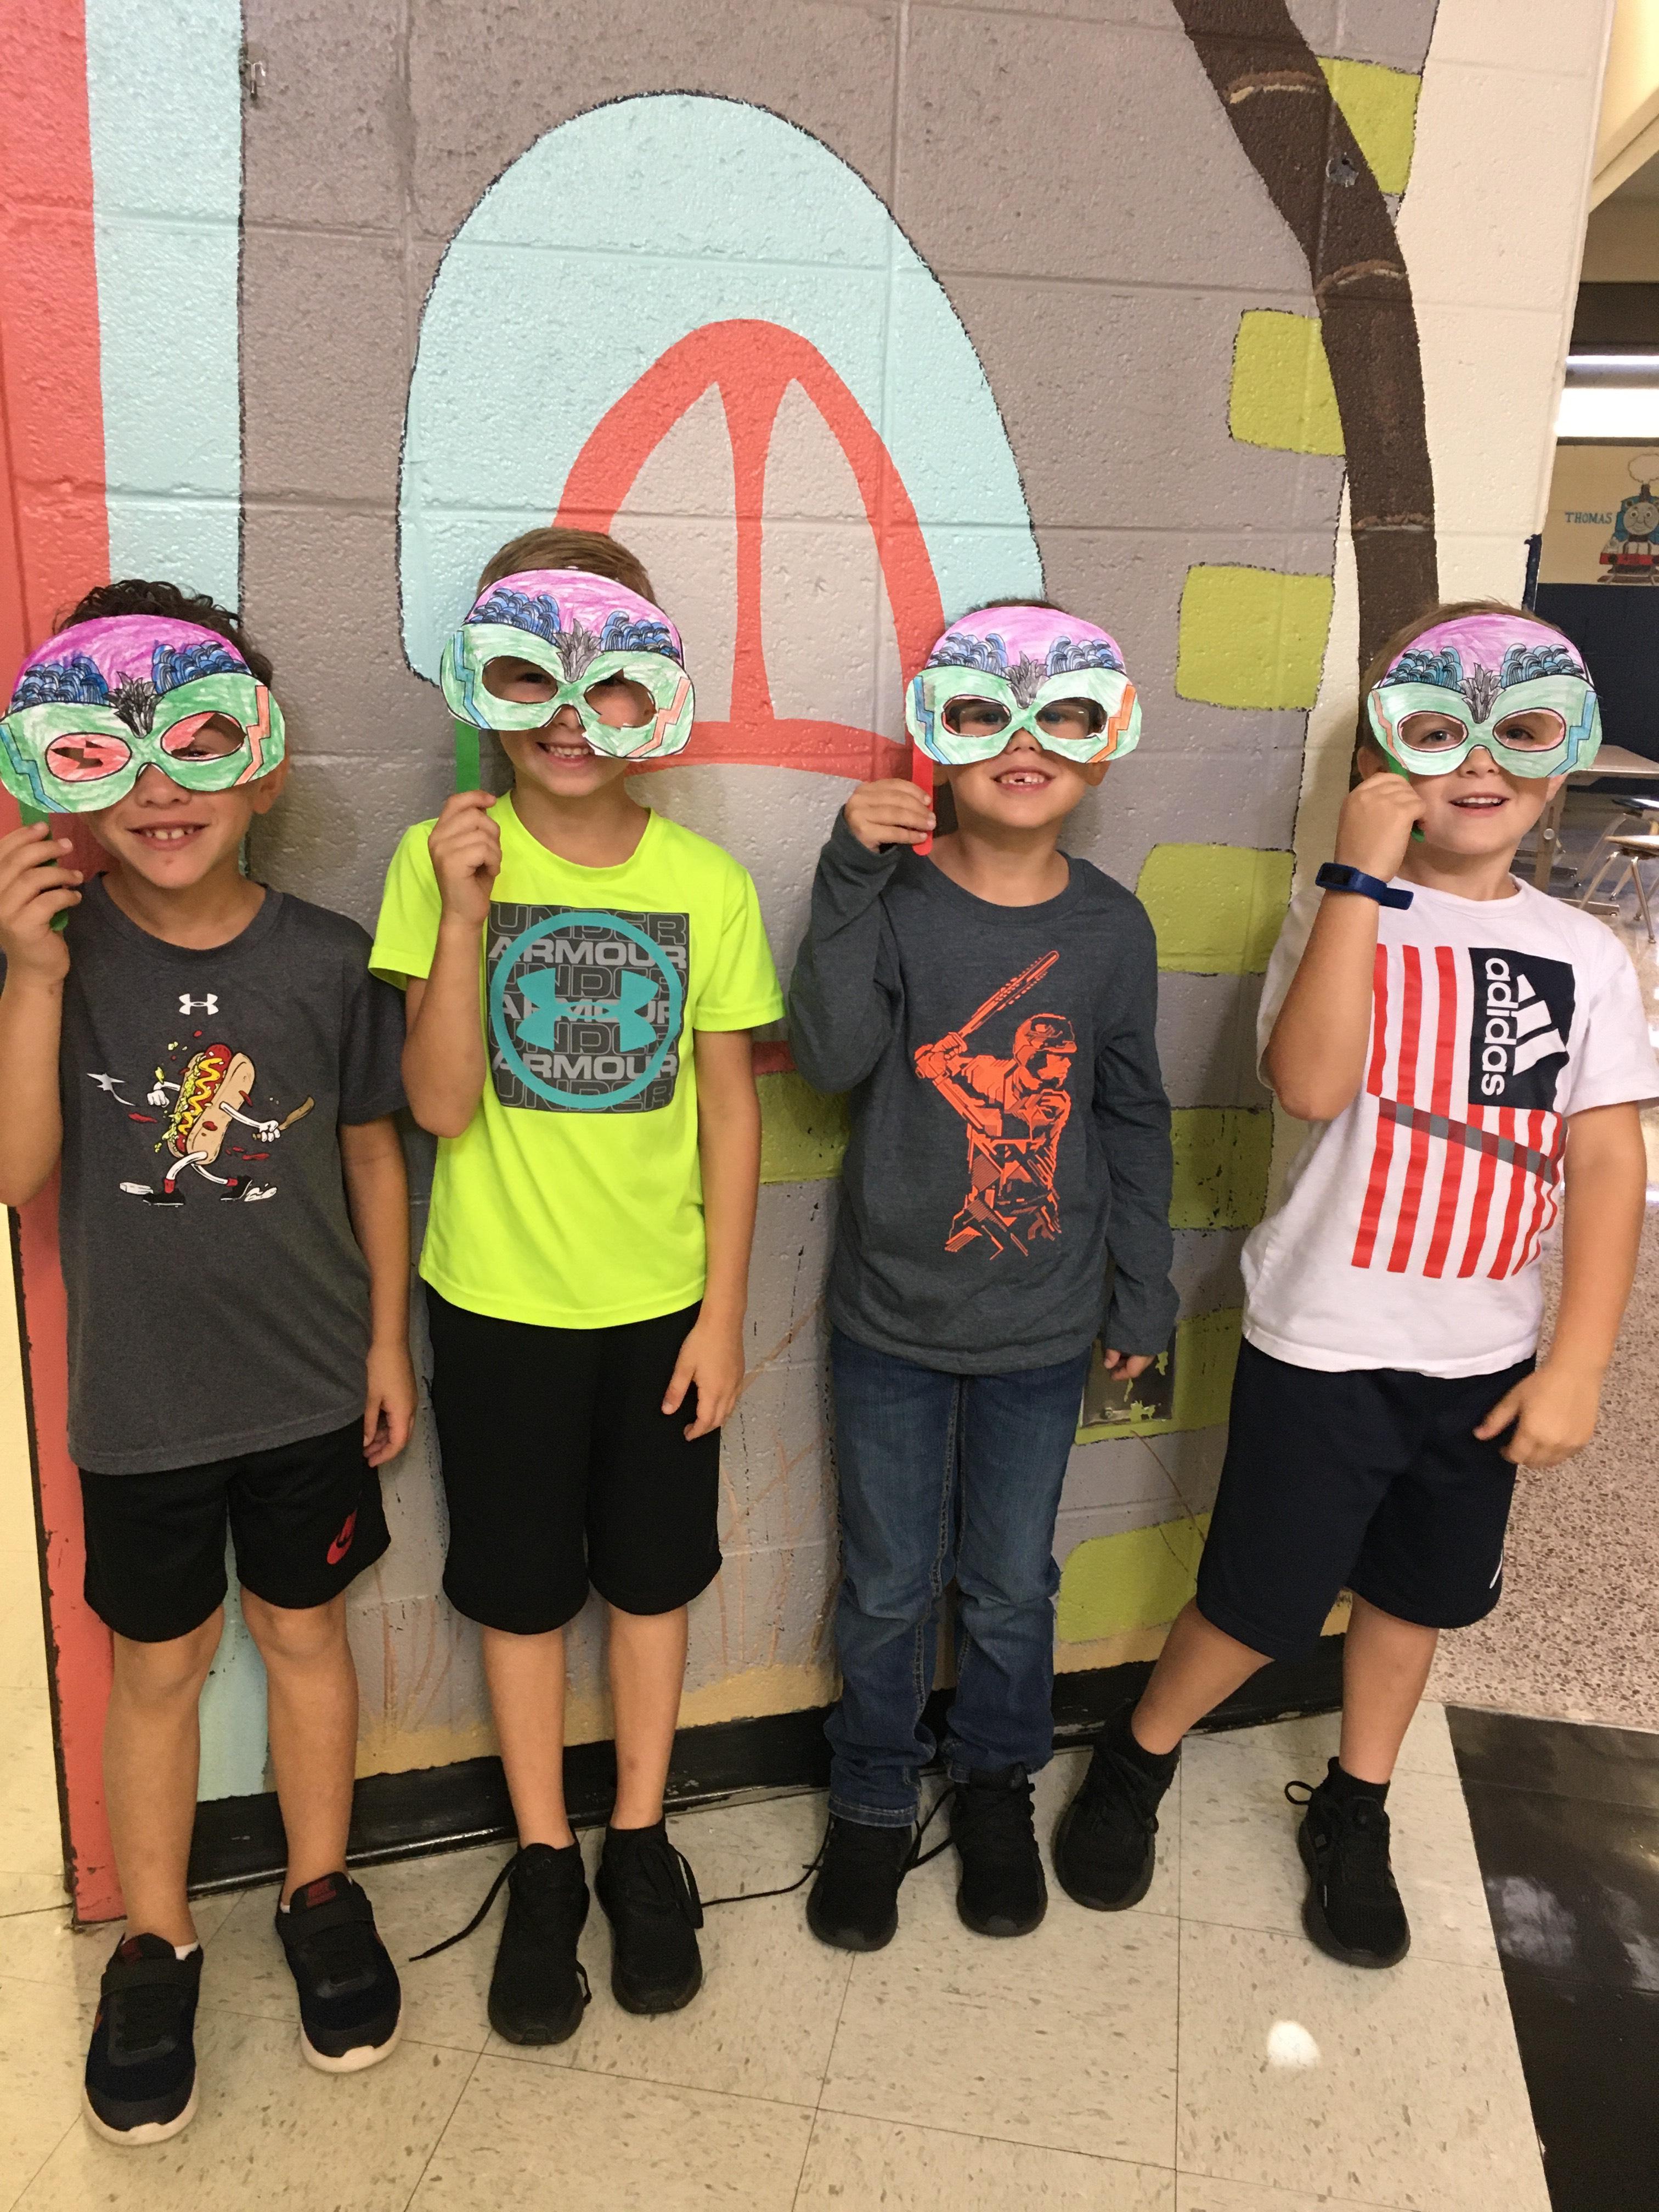 Twinnng in 1st Grade!